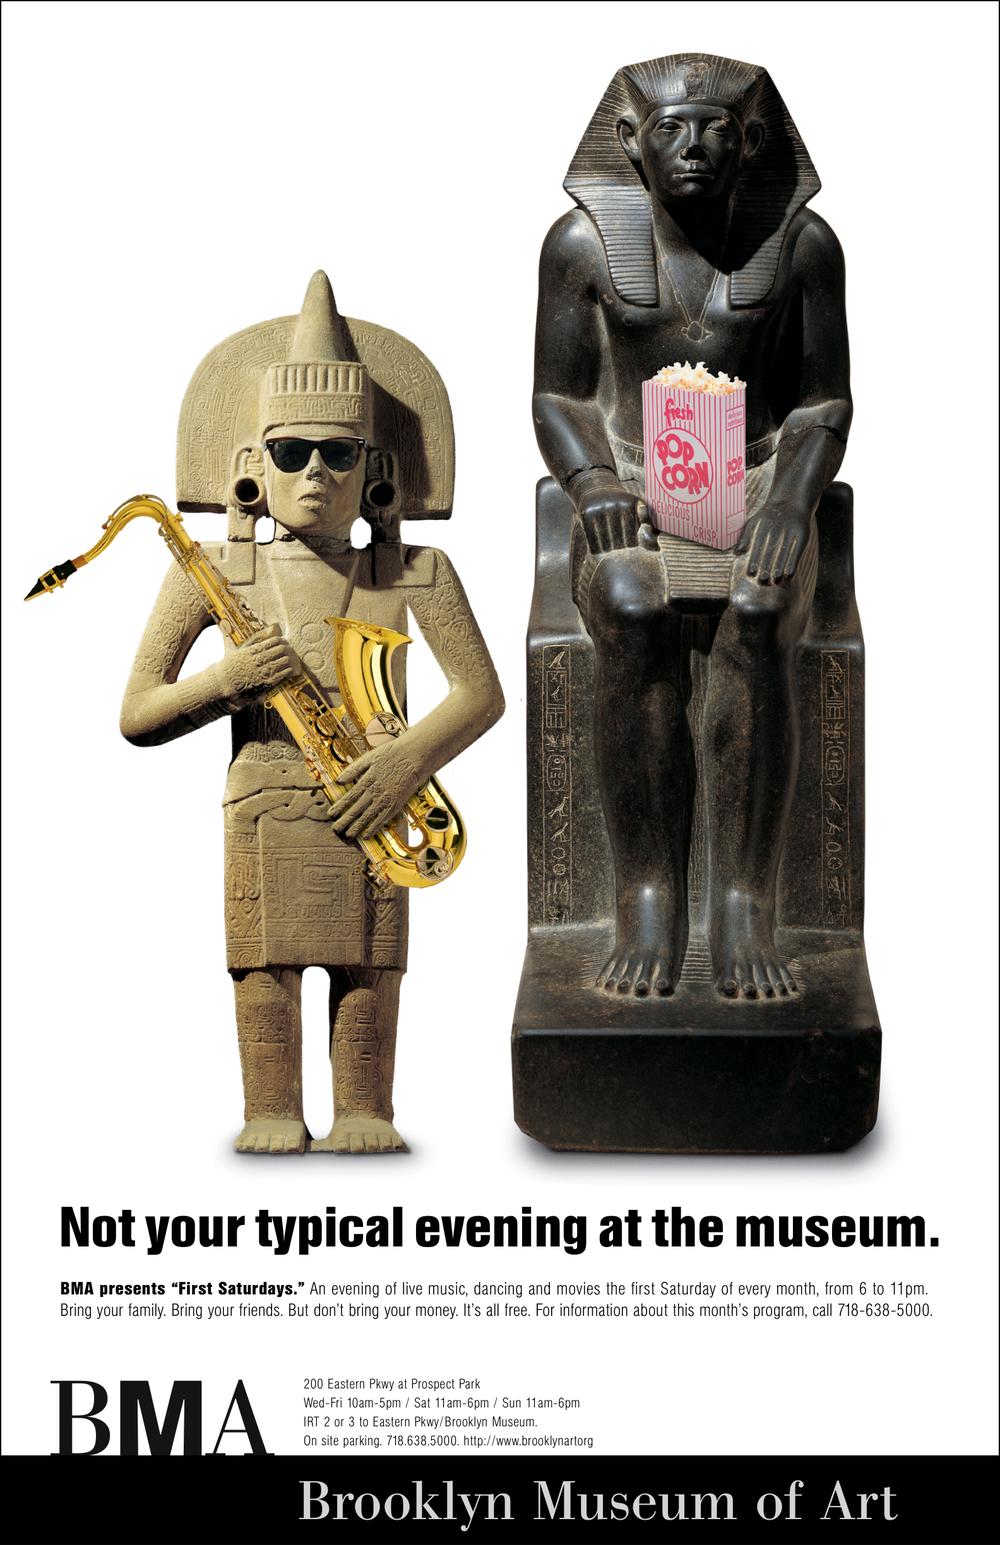 brooklynmuseum_3_142_orig.jpg